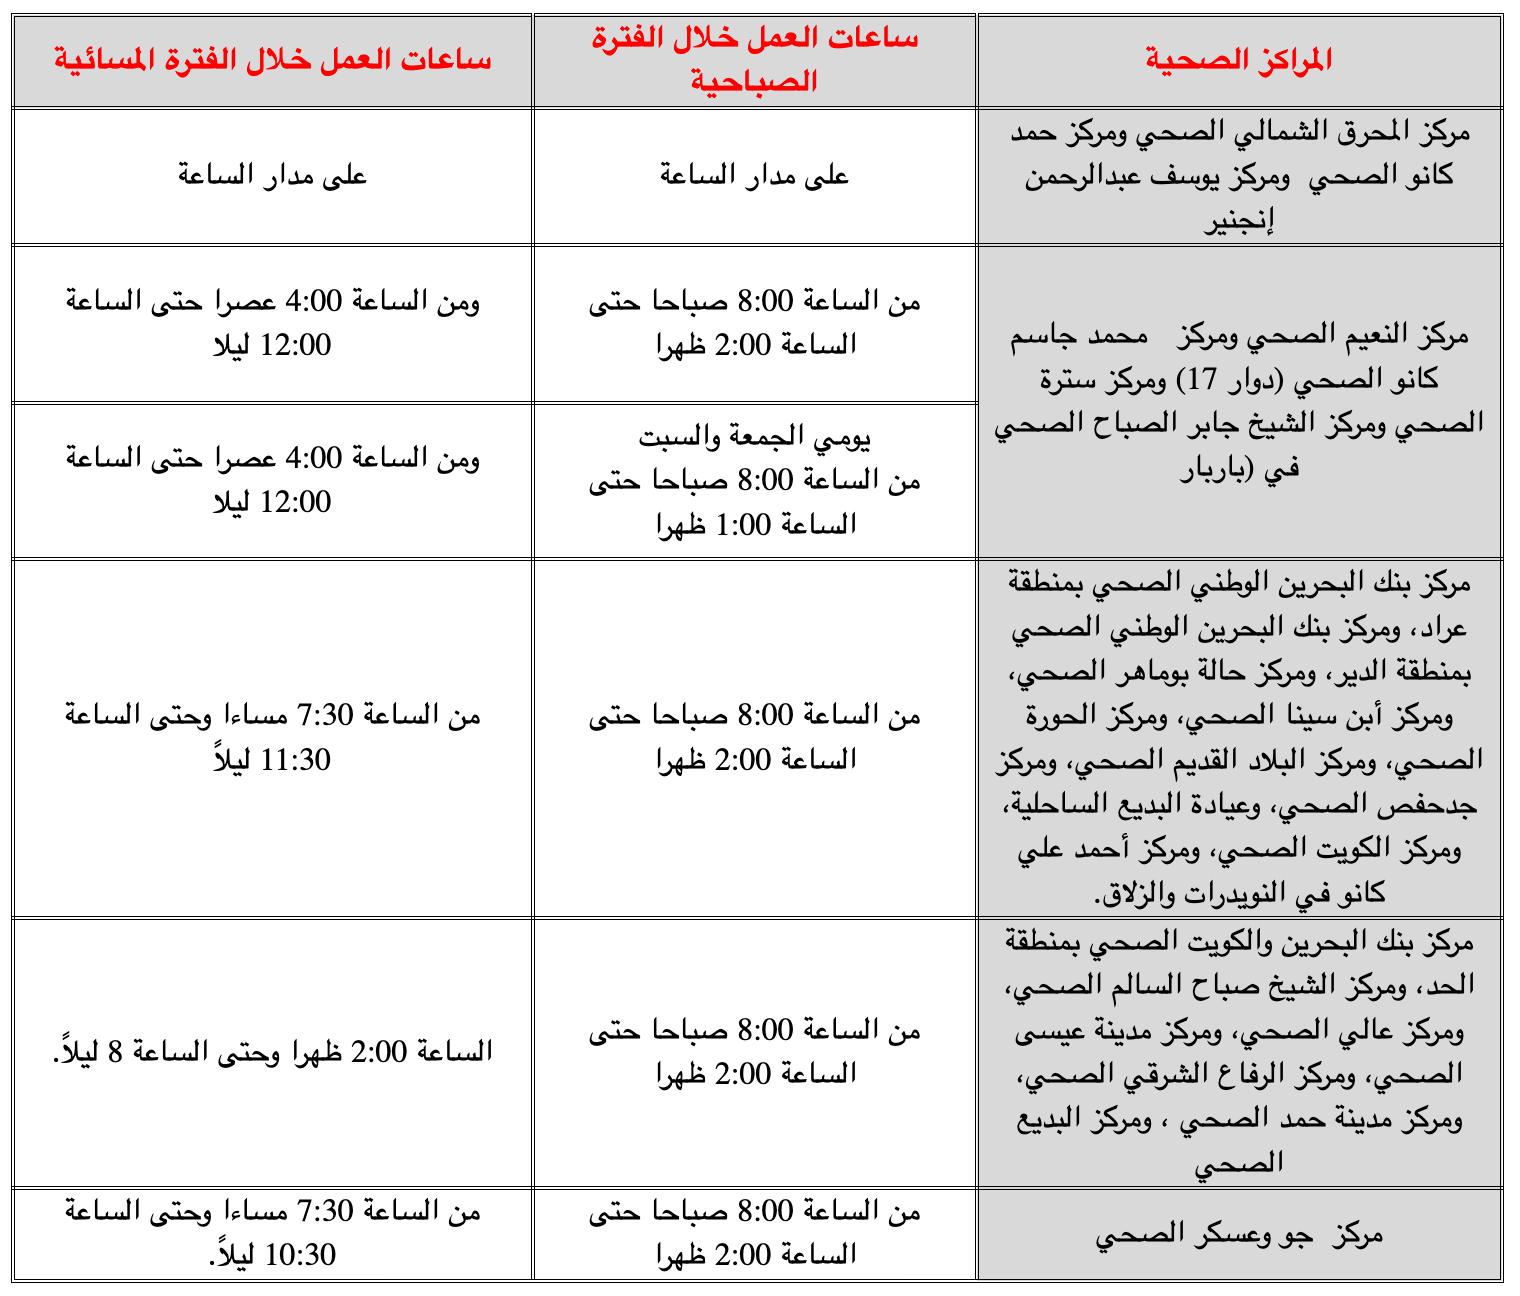 الصحة تٌعلن عن ساعات العمل بالمراكز الصحية خلال شهر رمضان المبارك